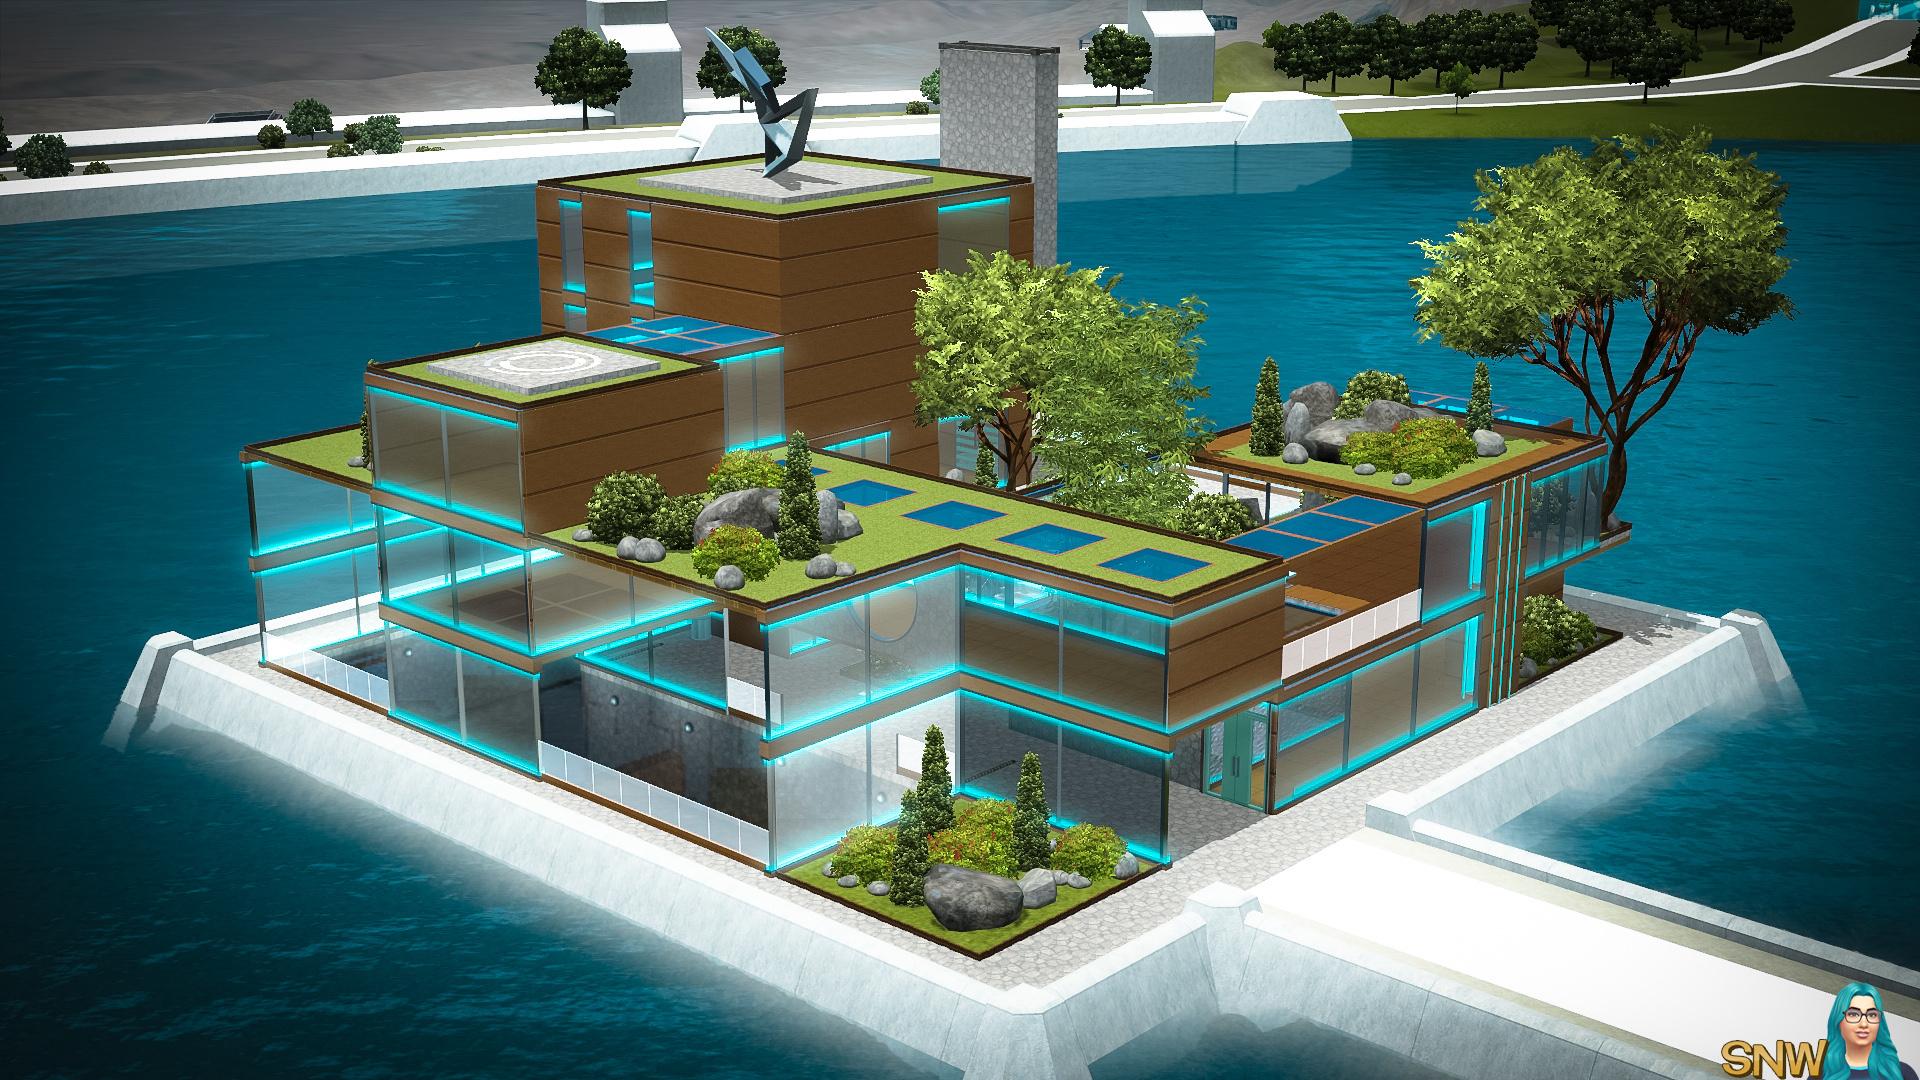 Mid Century Modern Meets Oasis Landing Wip Snw